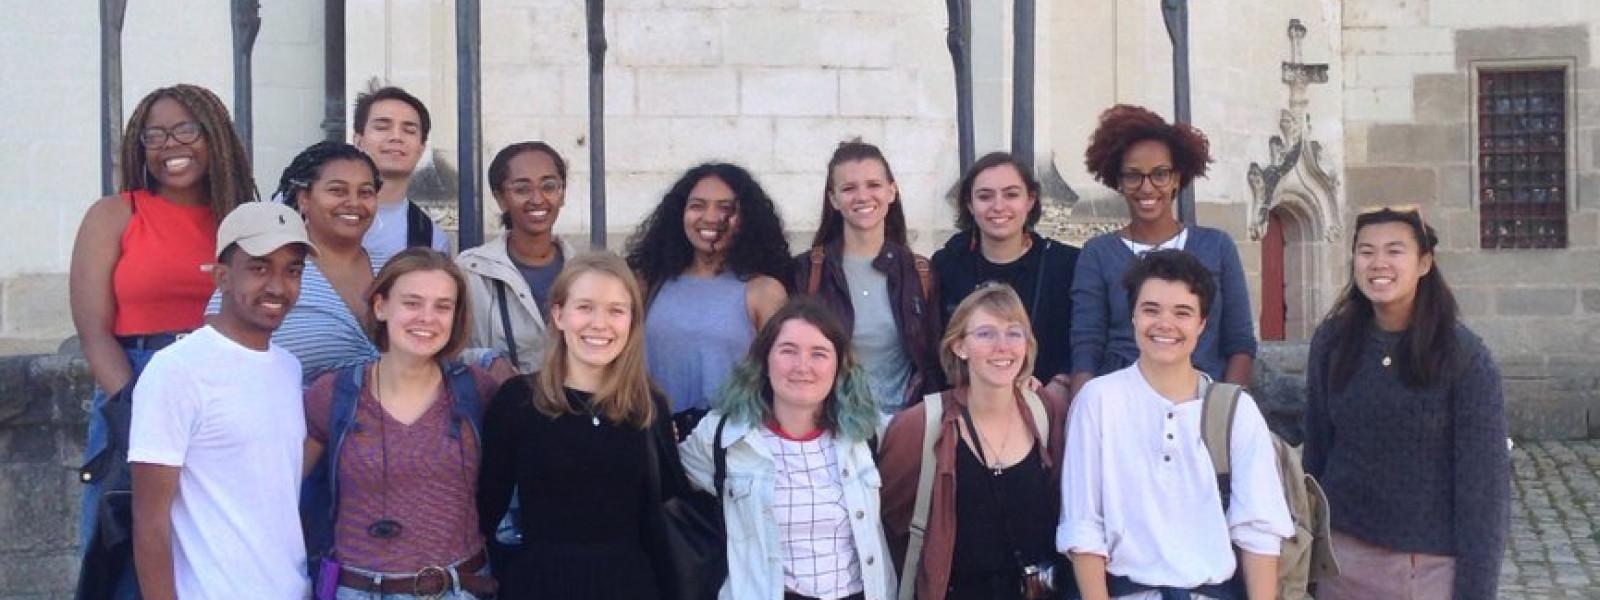 The group poses for a photo at the Château des ducs de Bretagne and Musée d'histoire de Nantes.